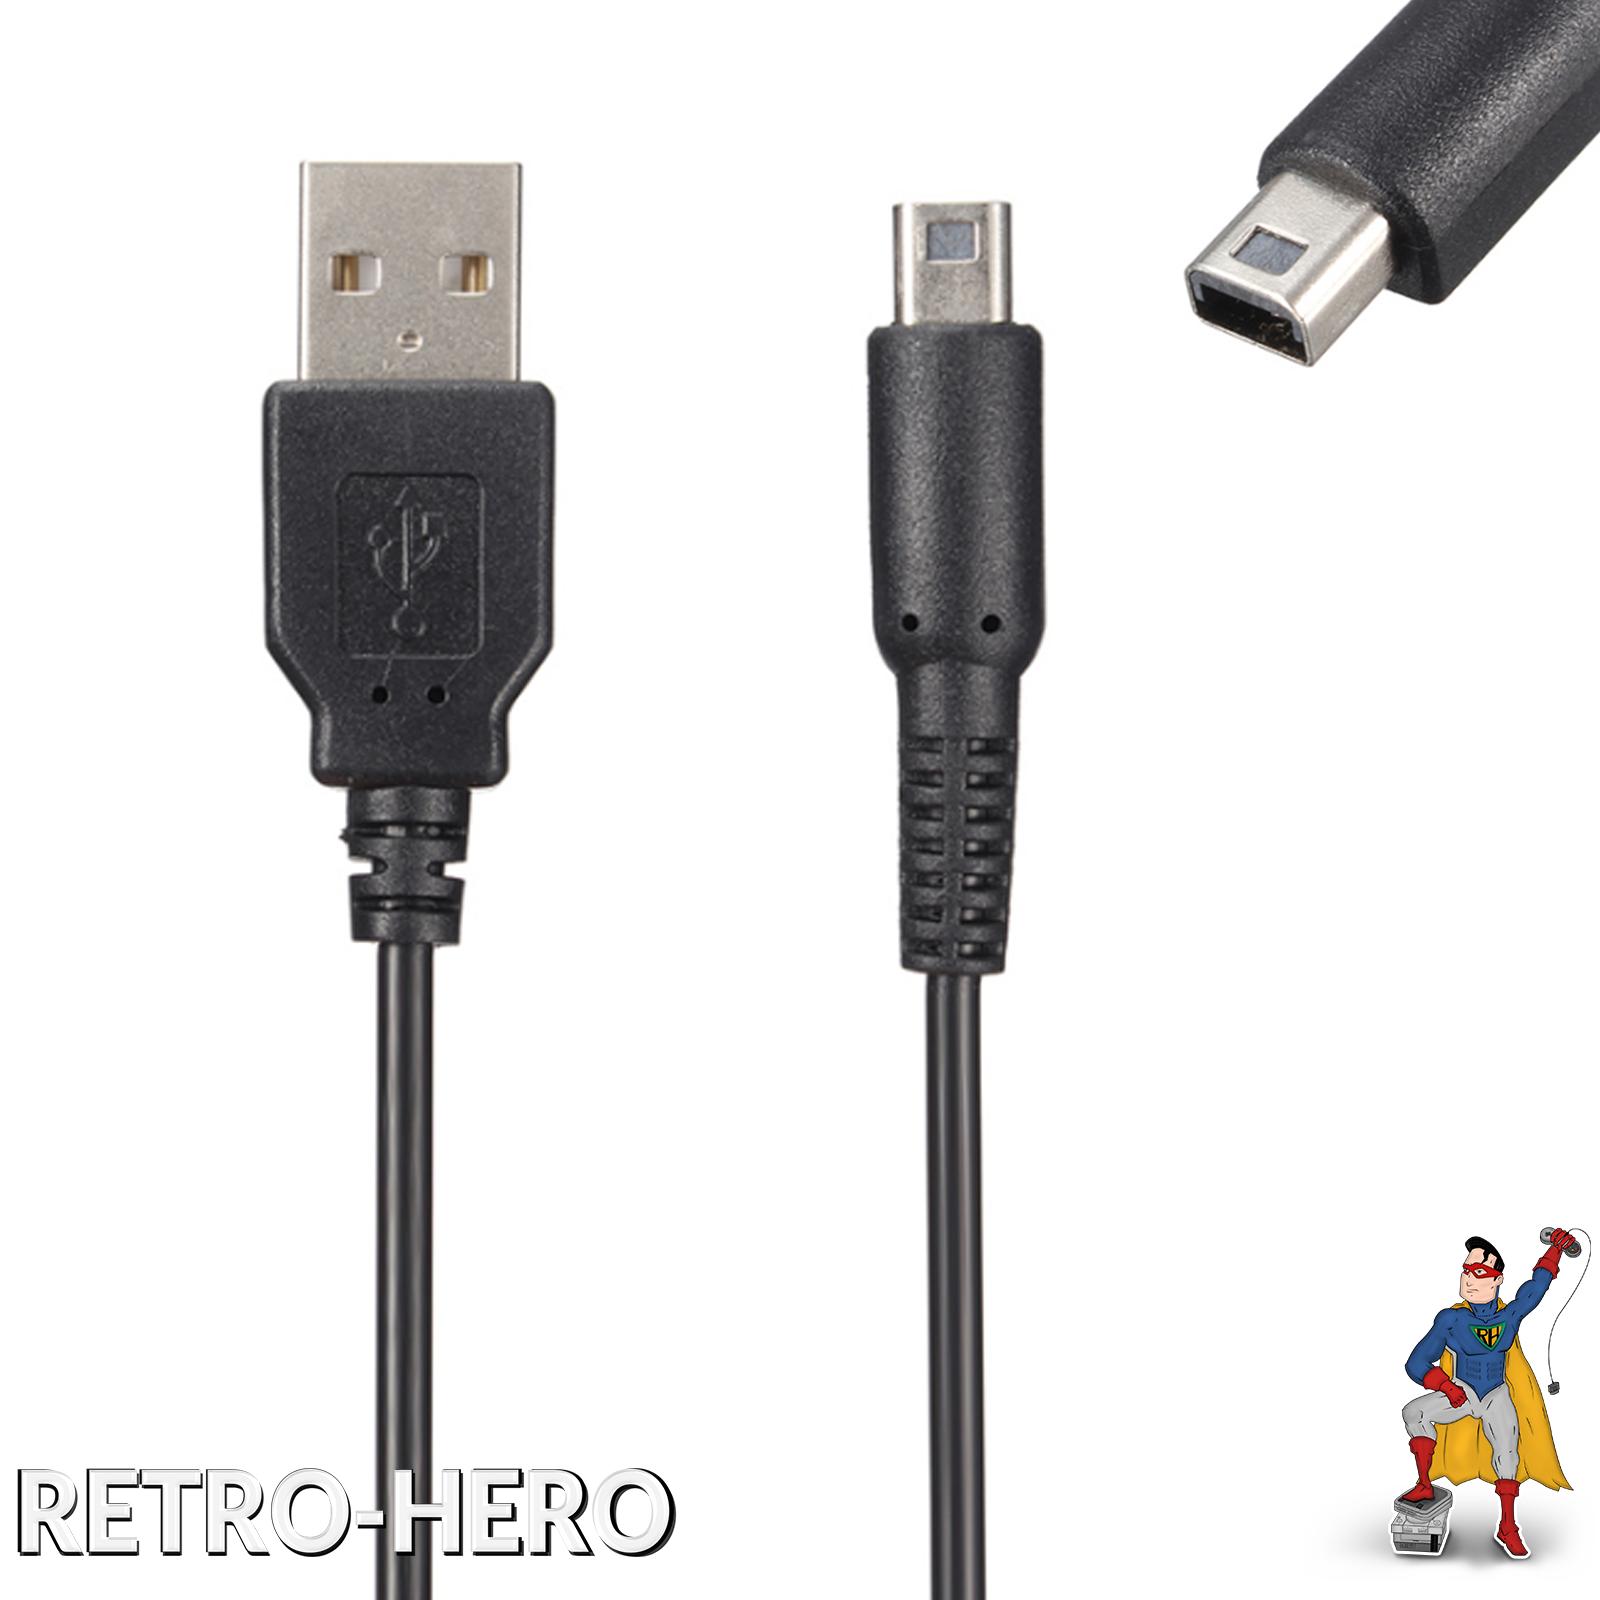 Ladekabel USB Kabel Nintendo 3DS, 3DS XL, DSi, DSi XL, 2DS Stromkabel Datenkabel